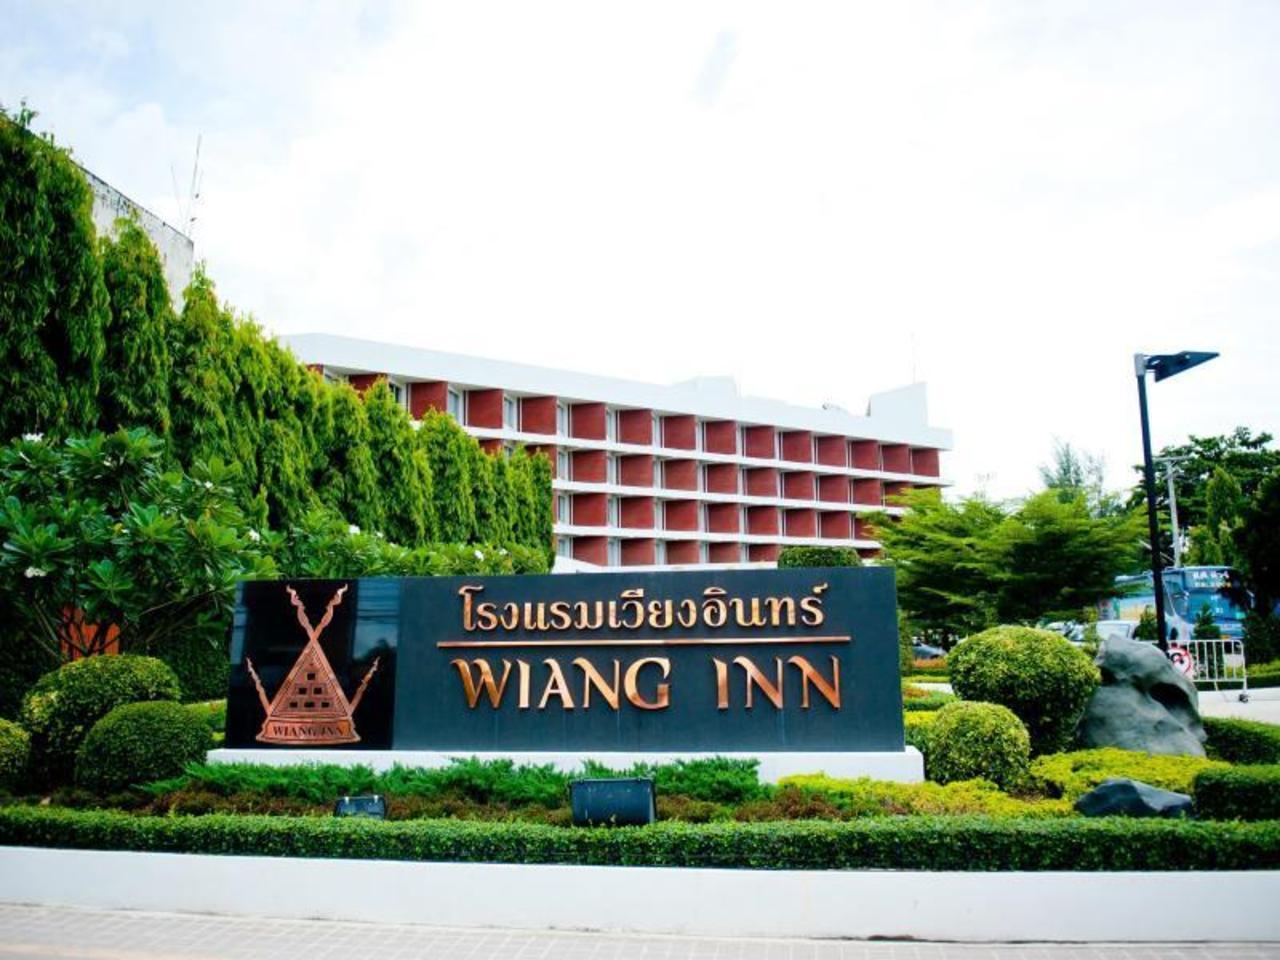 โรงแรมเวียงอินทร์ (Wiang Inn Hotel)